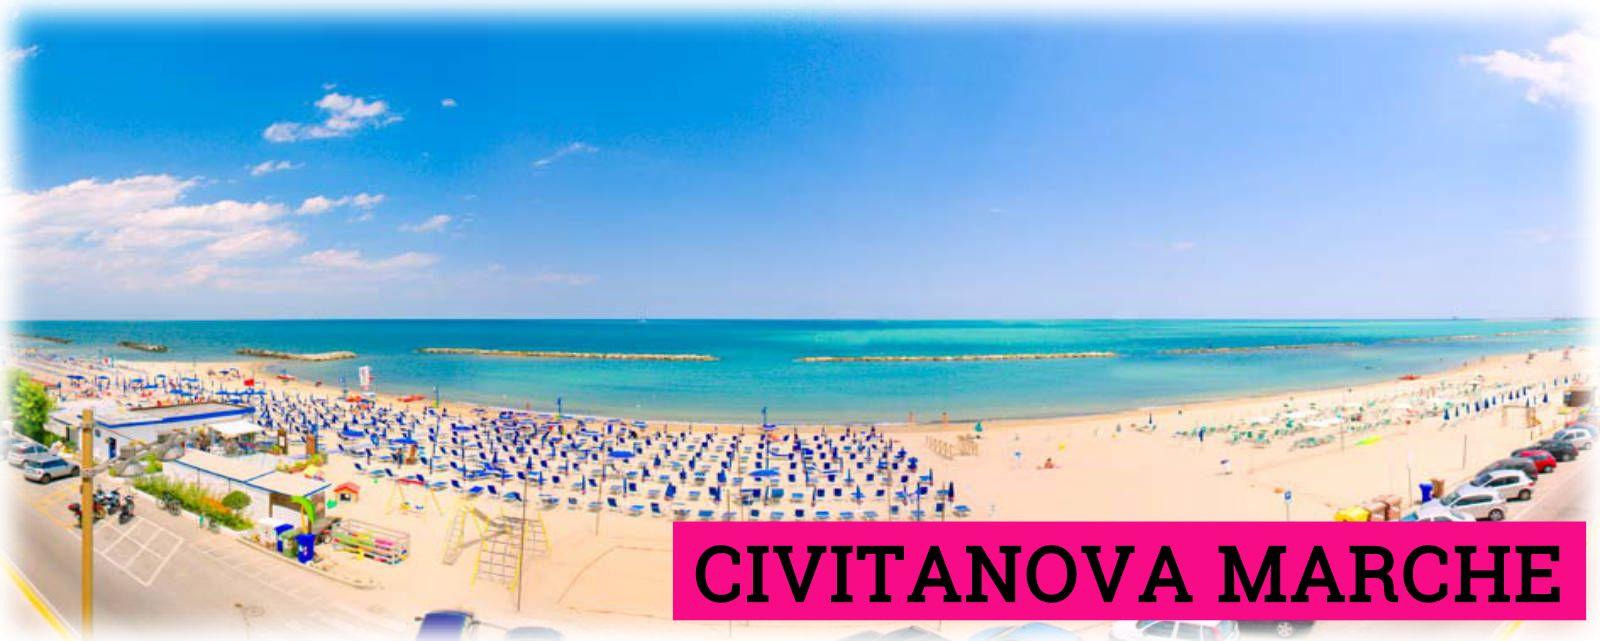 cluburi de noapte italia civitanova-marche